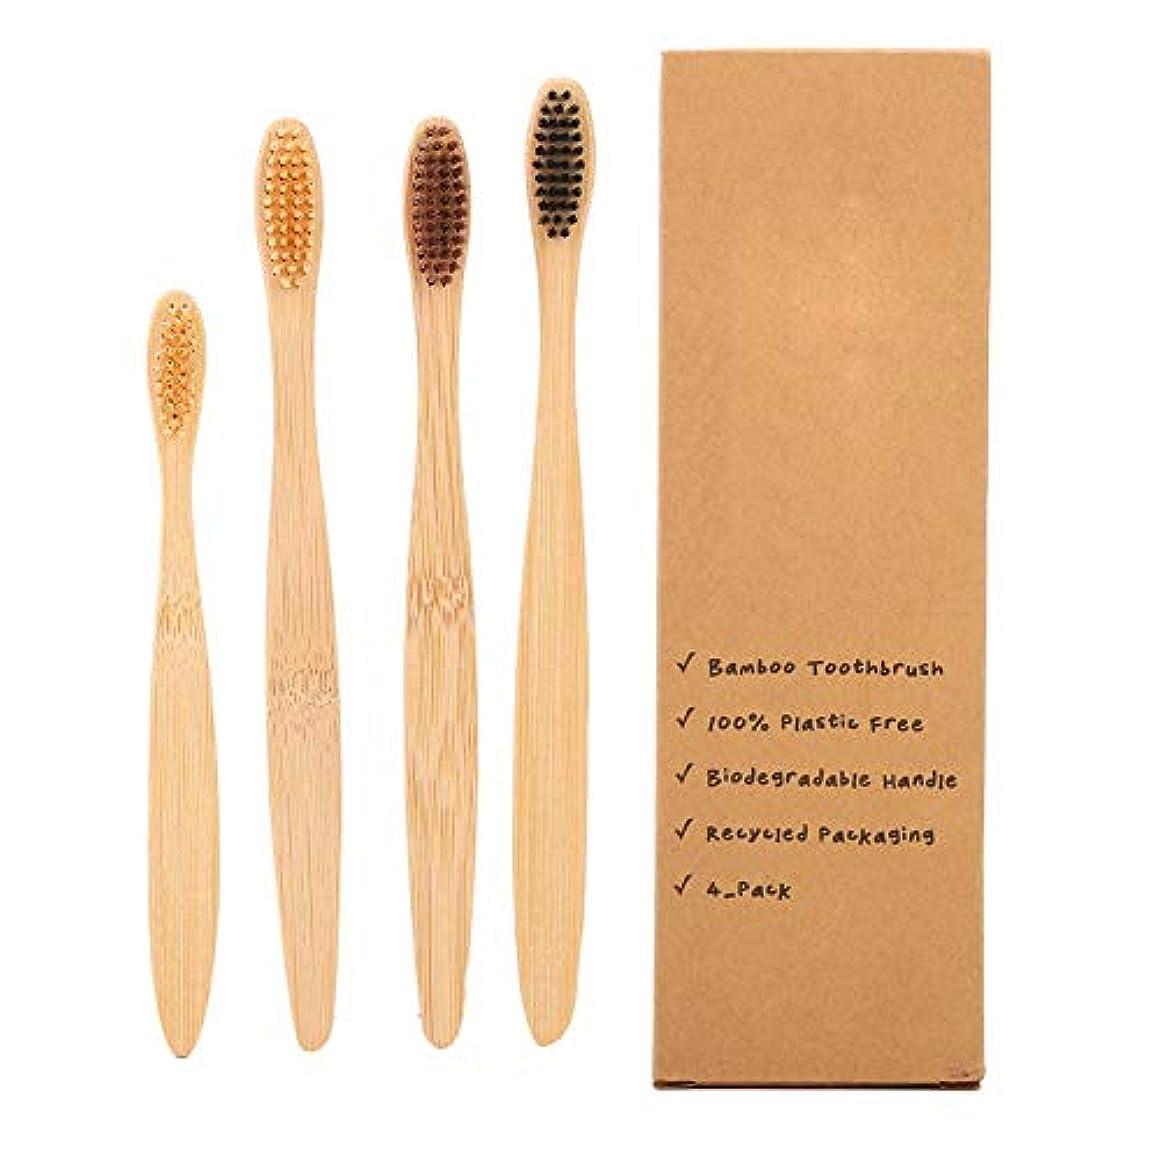 輝度波先例柔らかい歯ブラシ、4本の柔らかい毛の木の歯ブラシディープクリーニング環境に優しい歯ブラシ歯ケアツール